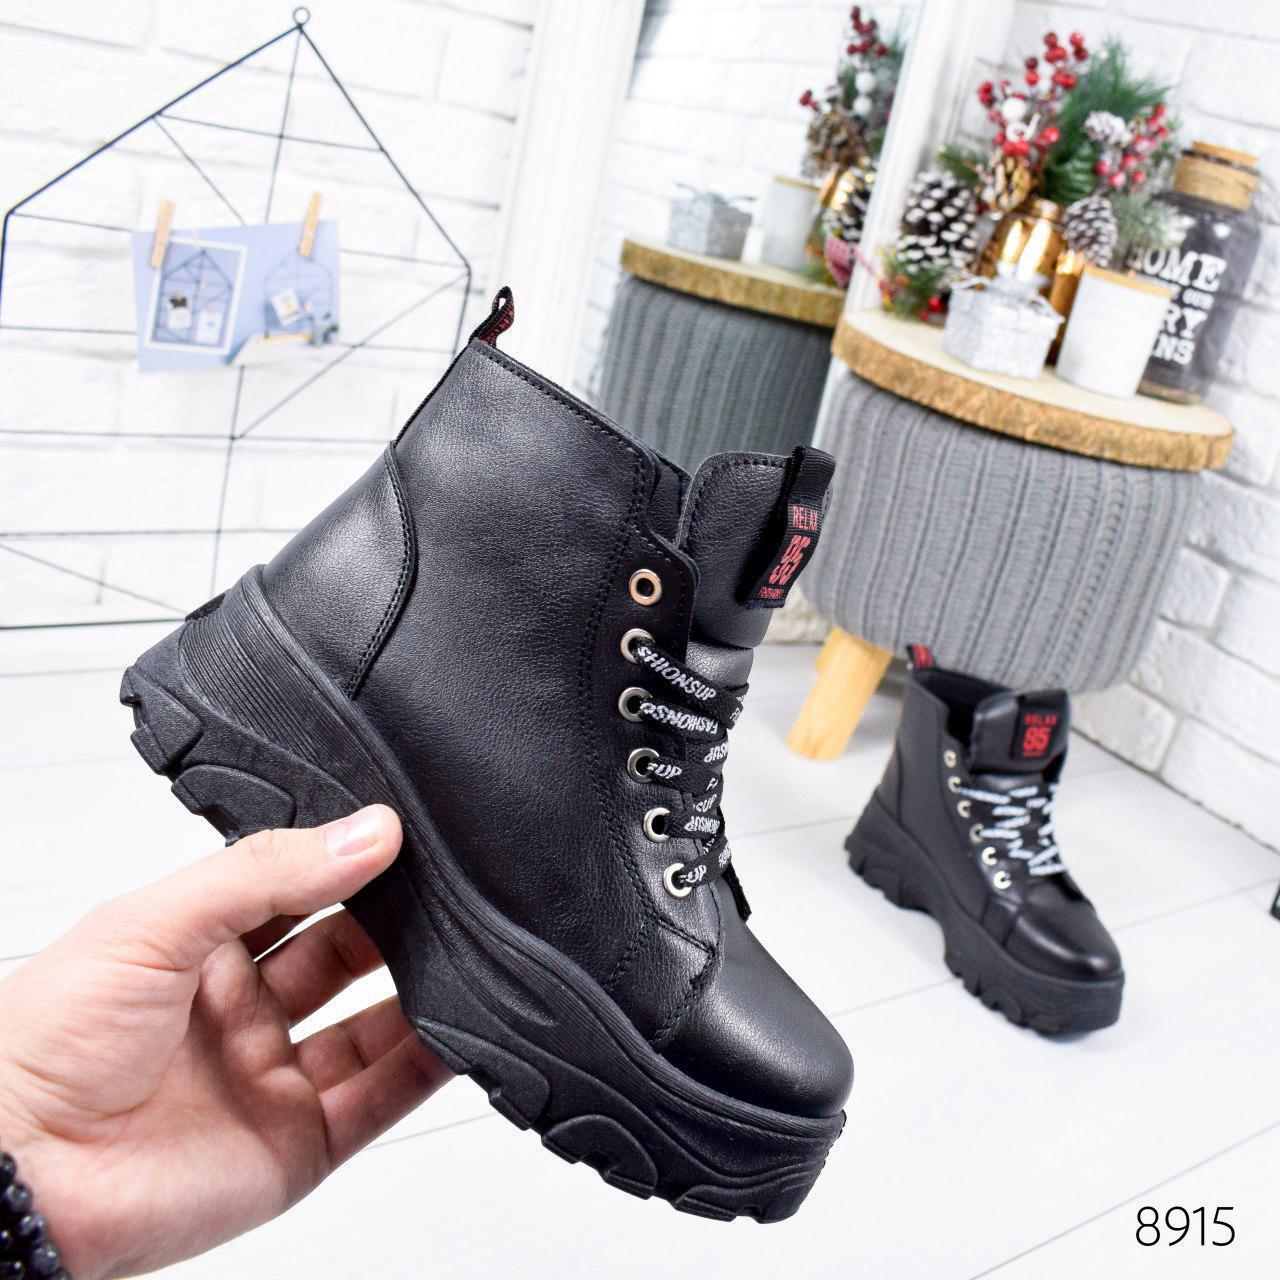 """Ботинки женские зимние, черного цвета из эко кожи """"8915"""". Черевики жіночі. Ботинки теплые"""